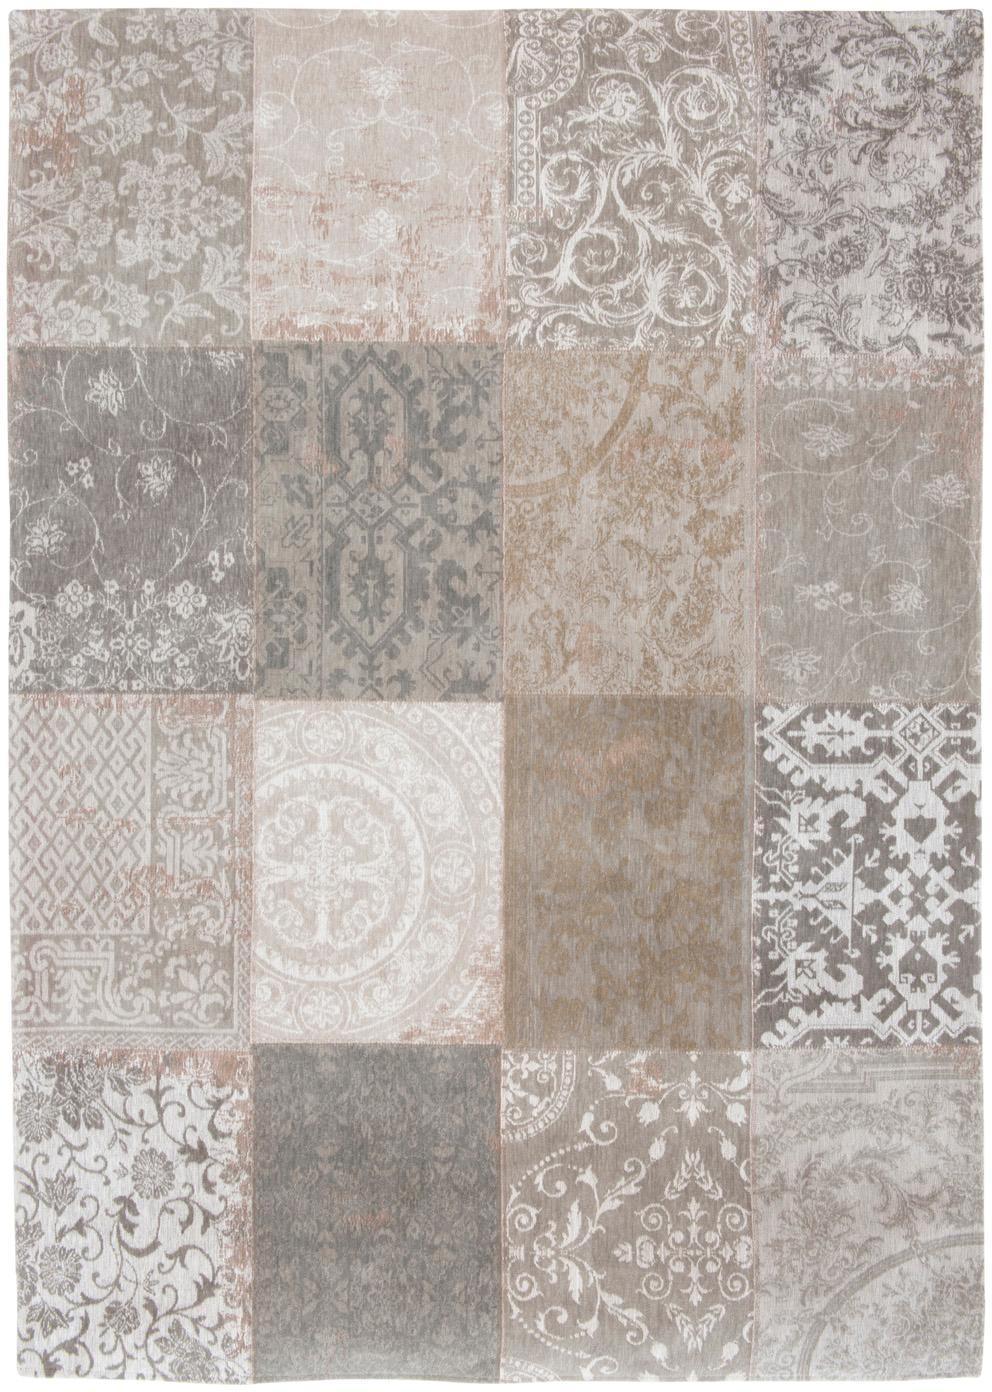 Vloerkleed Multi, Bovenzijde: 85% chenilledraad (katoen, Weeftechniek: jacquard, Onderzijde: katoenmix, gecoat met lat, Beige, grijs, B 170 x L 240 cm (maat M)